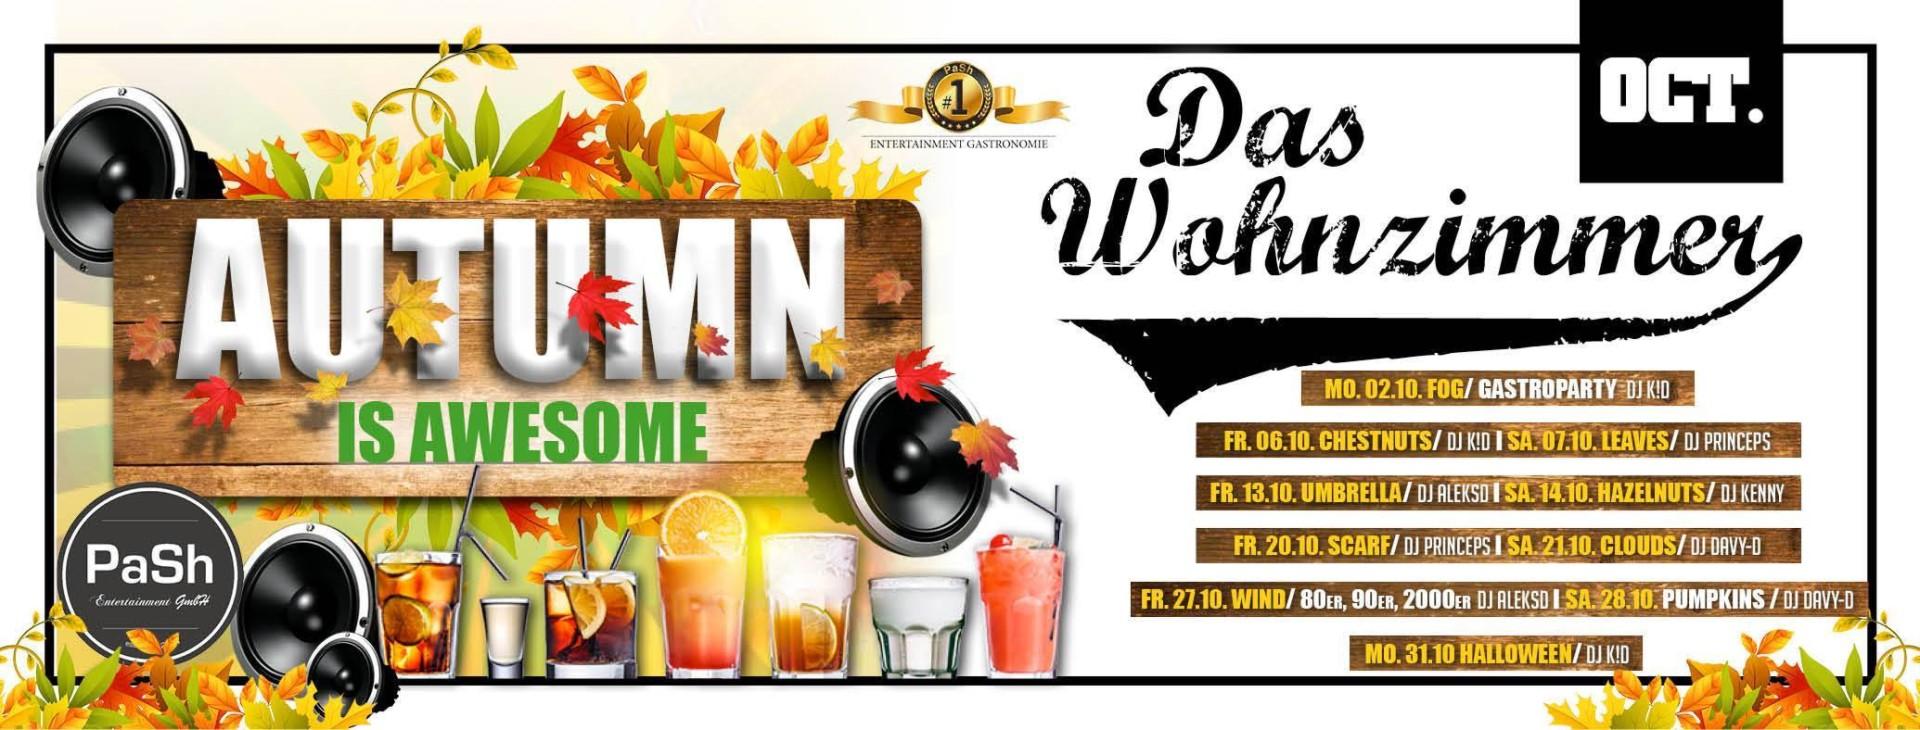 Datum Samstag 07102017 Location Das Wohnzimmer Ort 65183 Wiesbaden